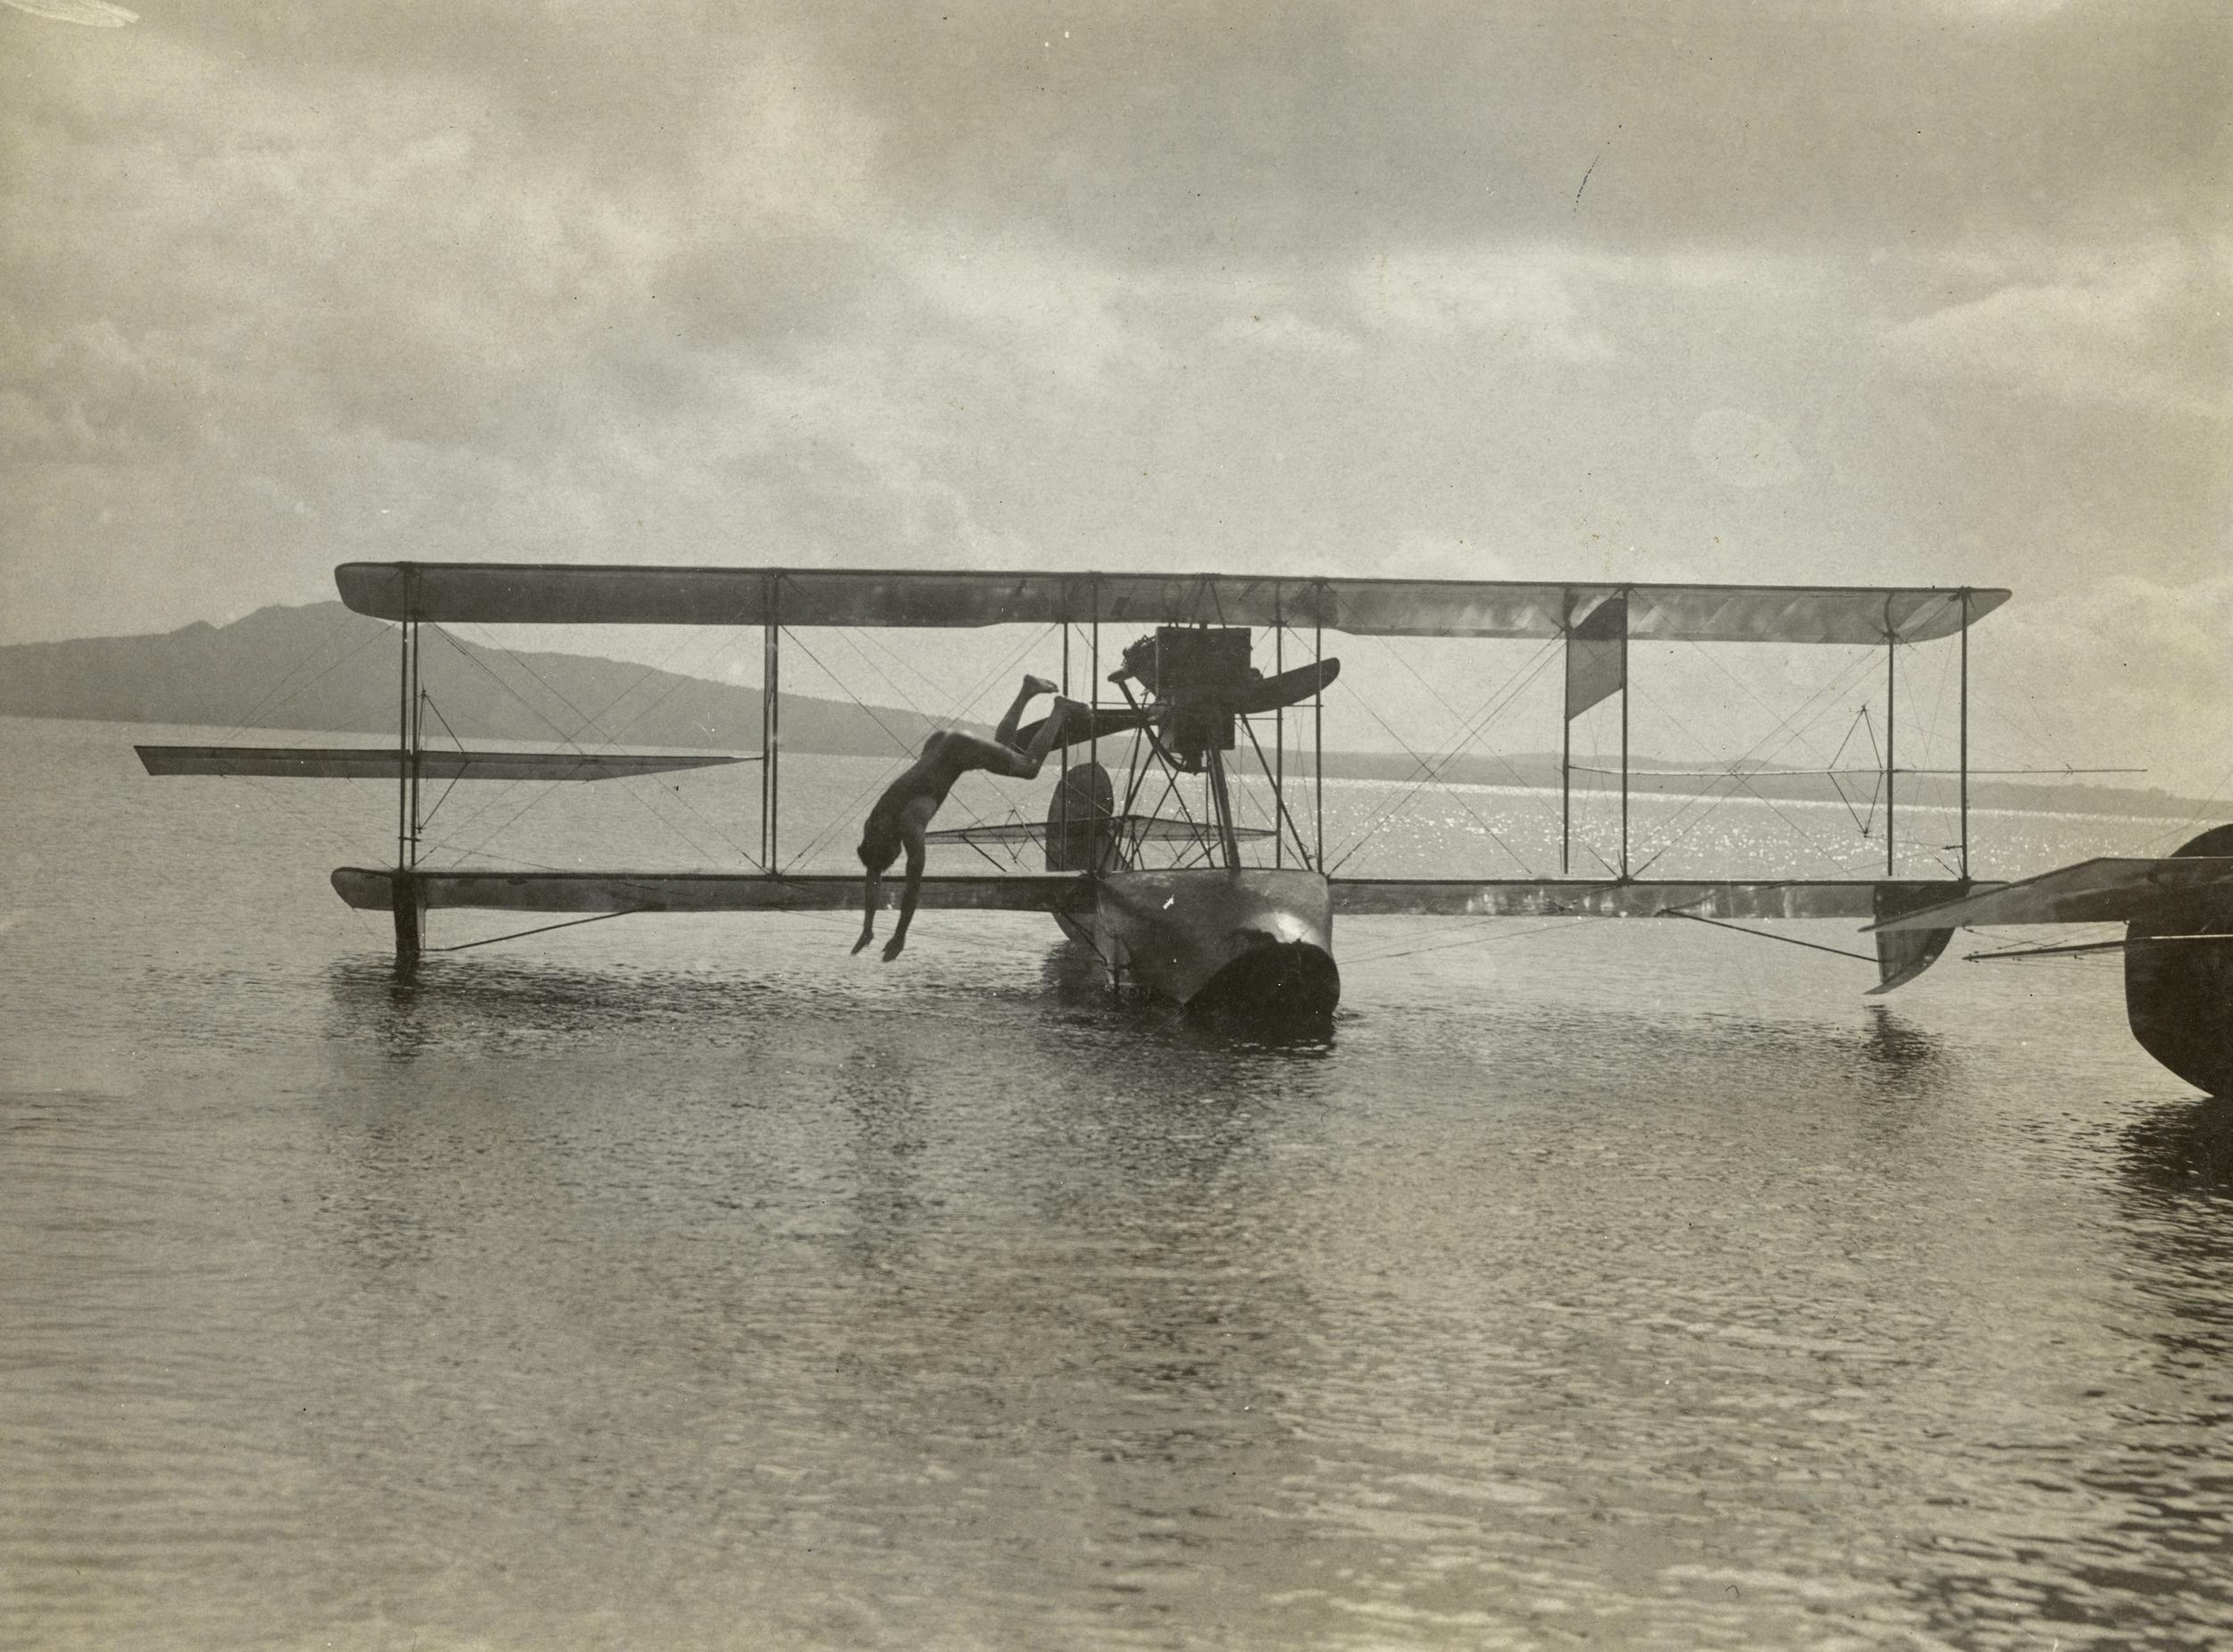 The first aeroplane